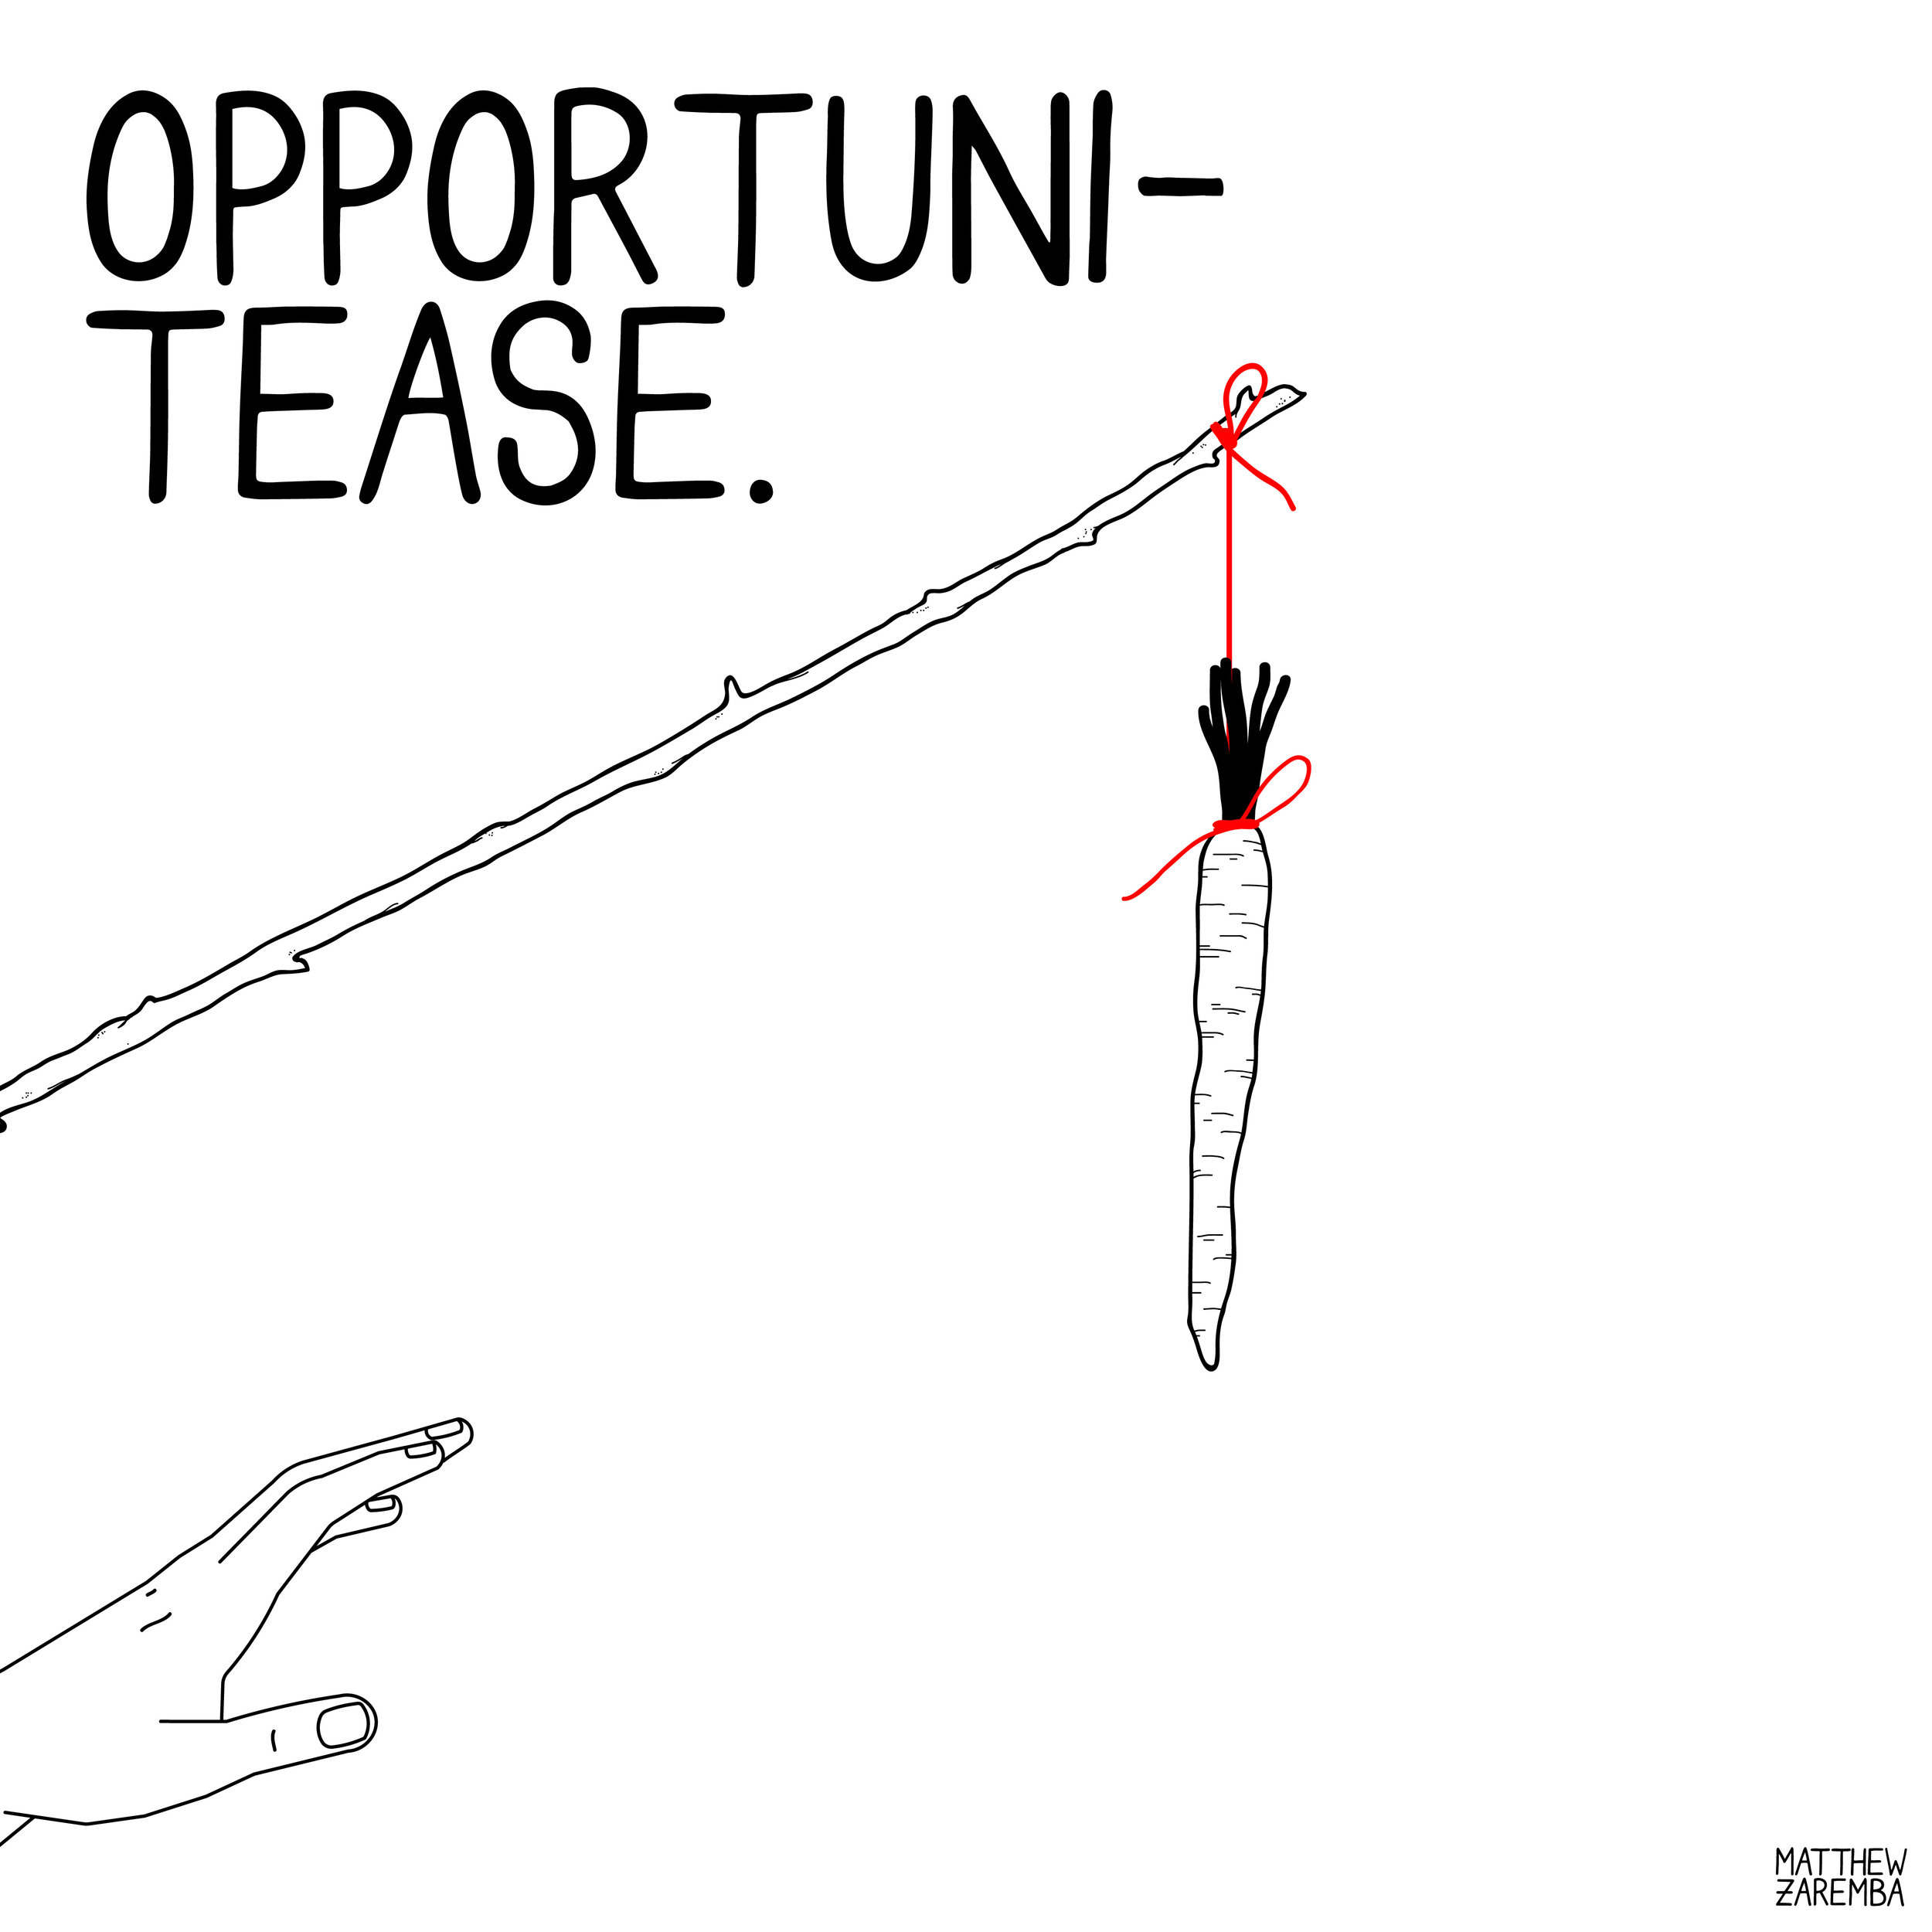 opportunitease-01.jpg